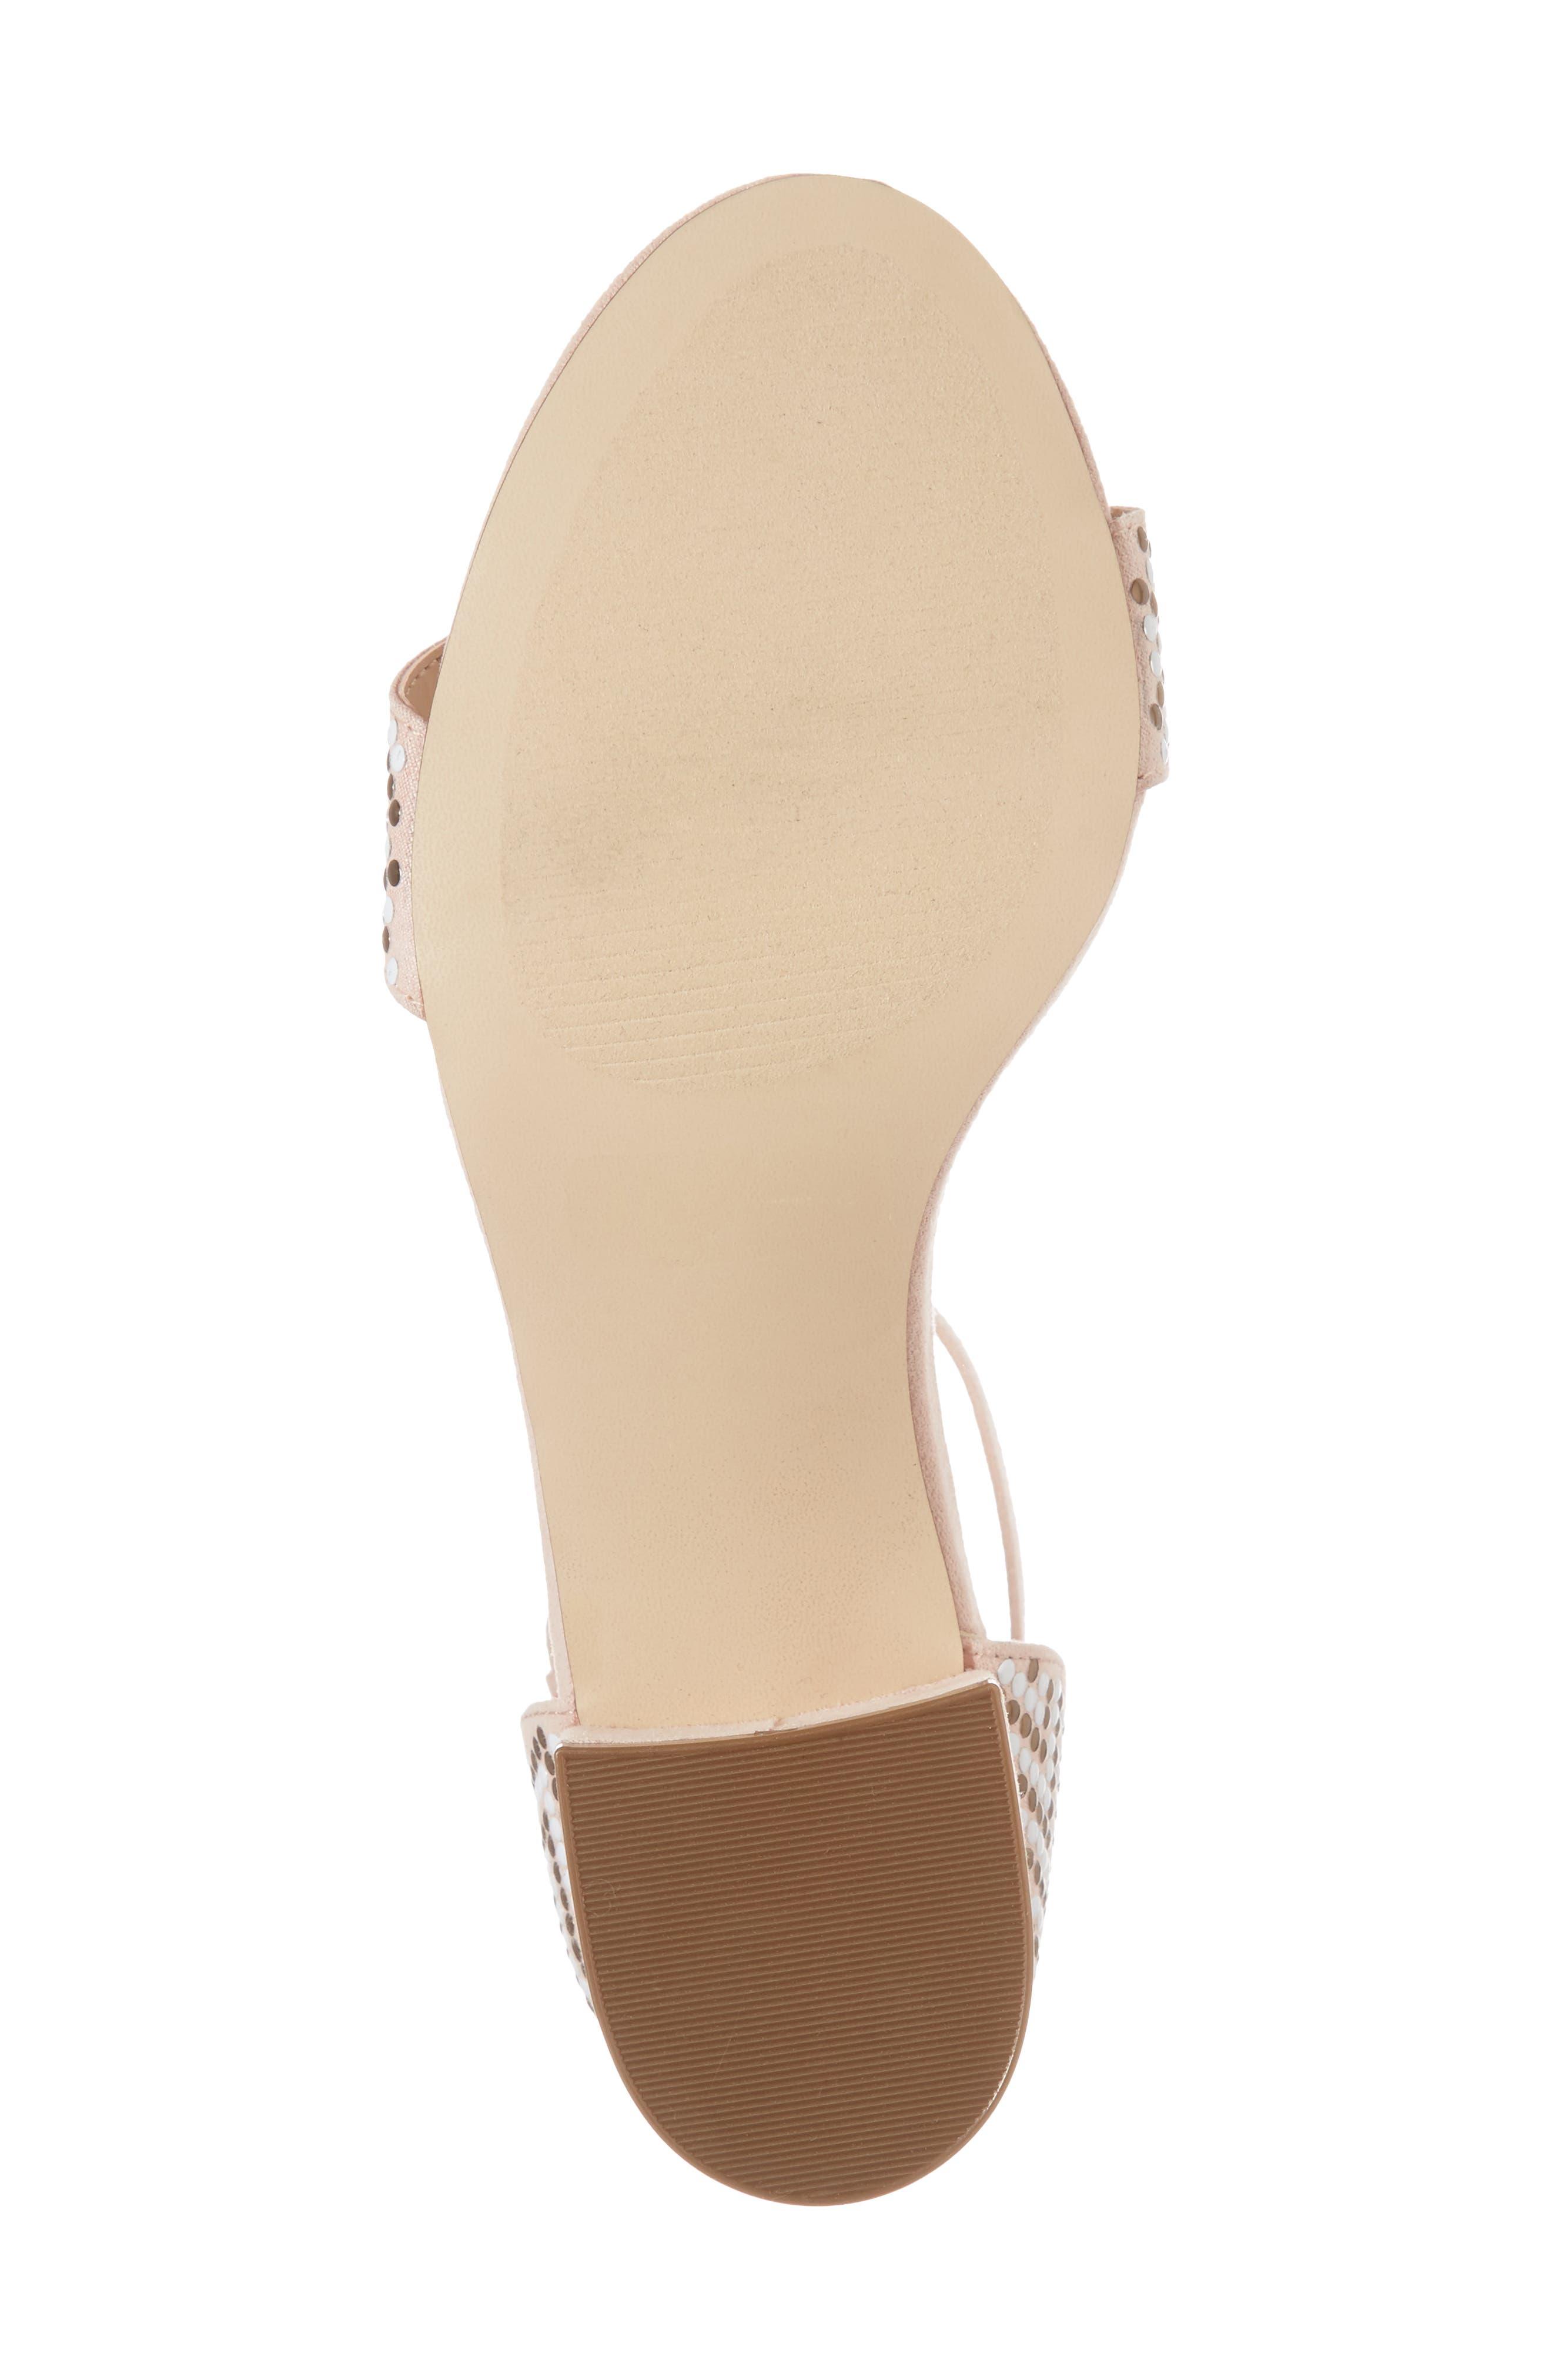 Mercer Ankle Strap Sandal,                             Alternate thumbnail 6, color,                             650